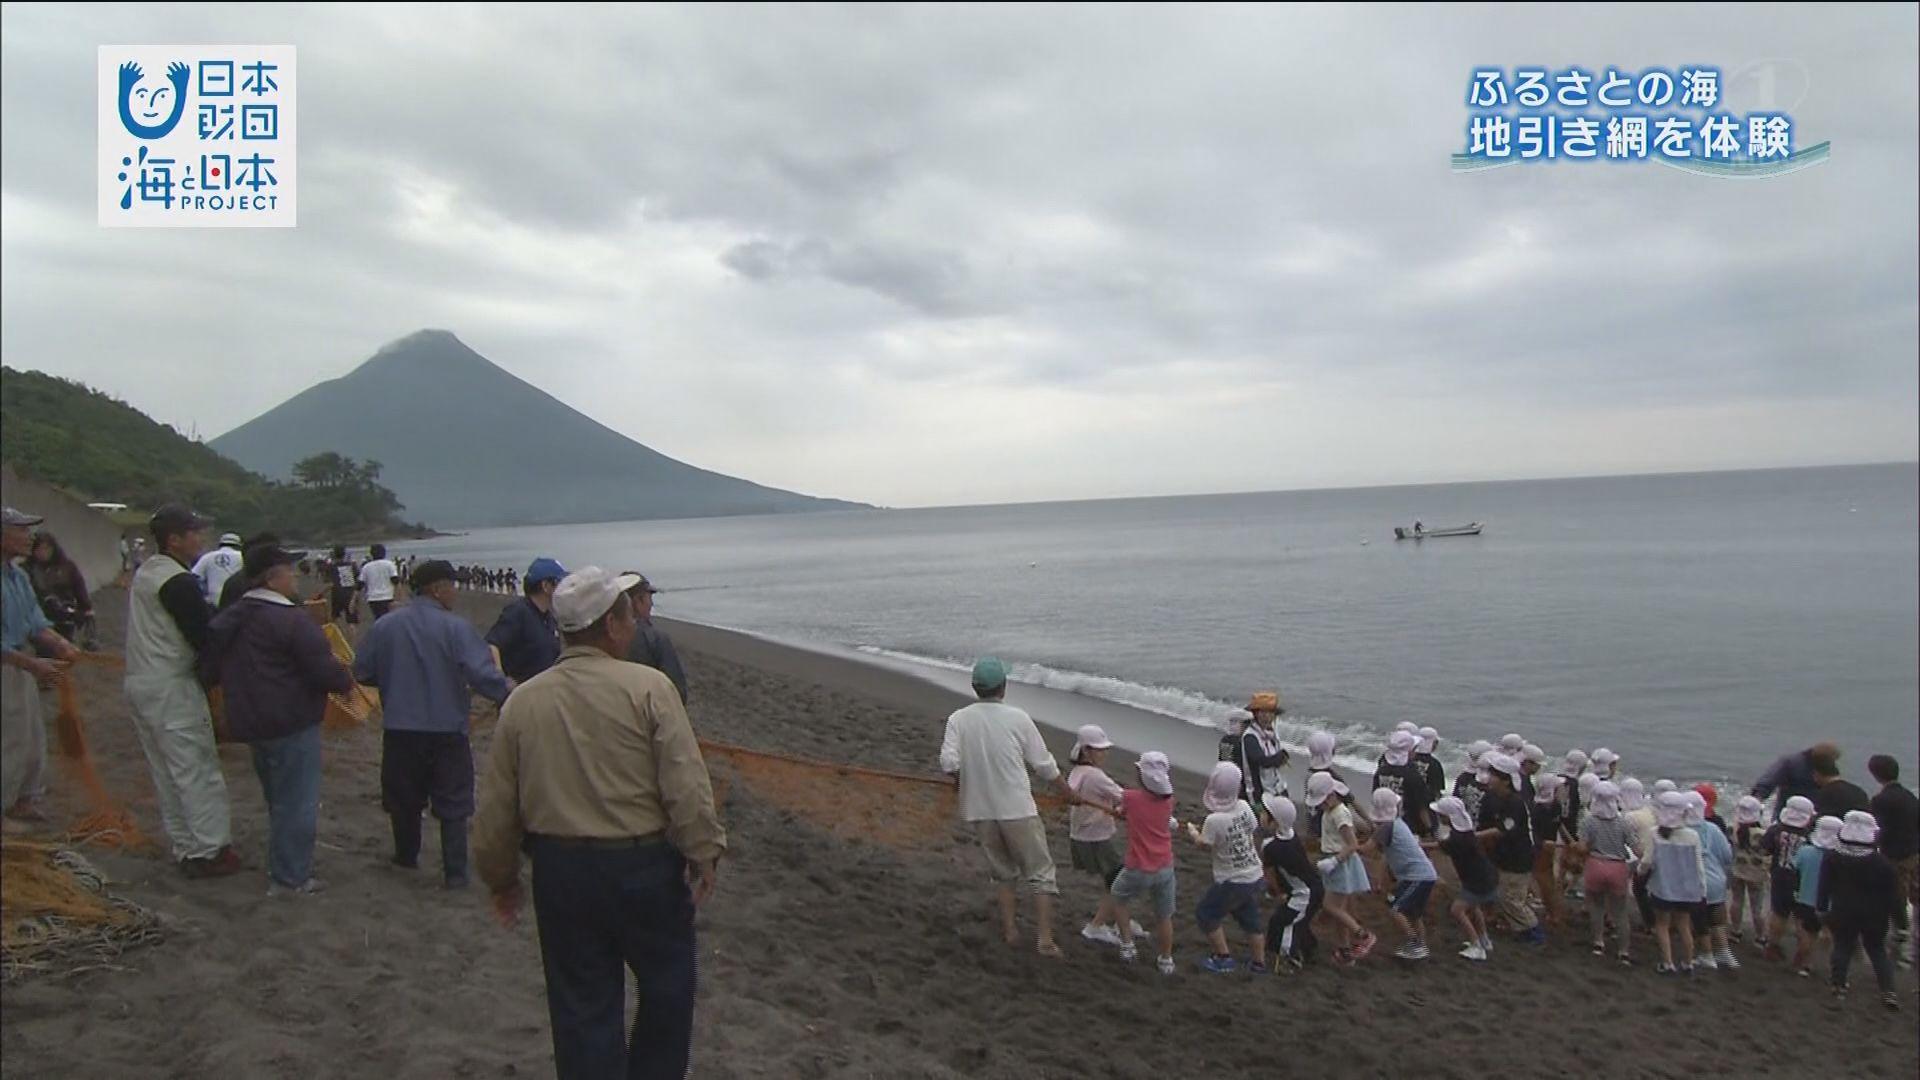 ふるさとの豊かな海。子どもたちが地引き網!